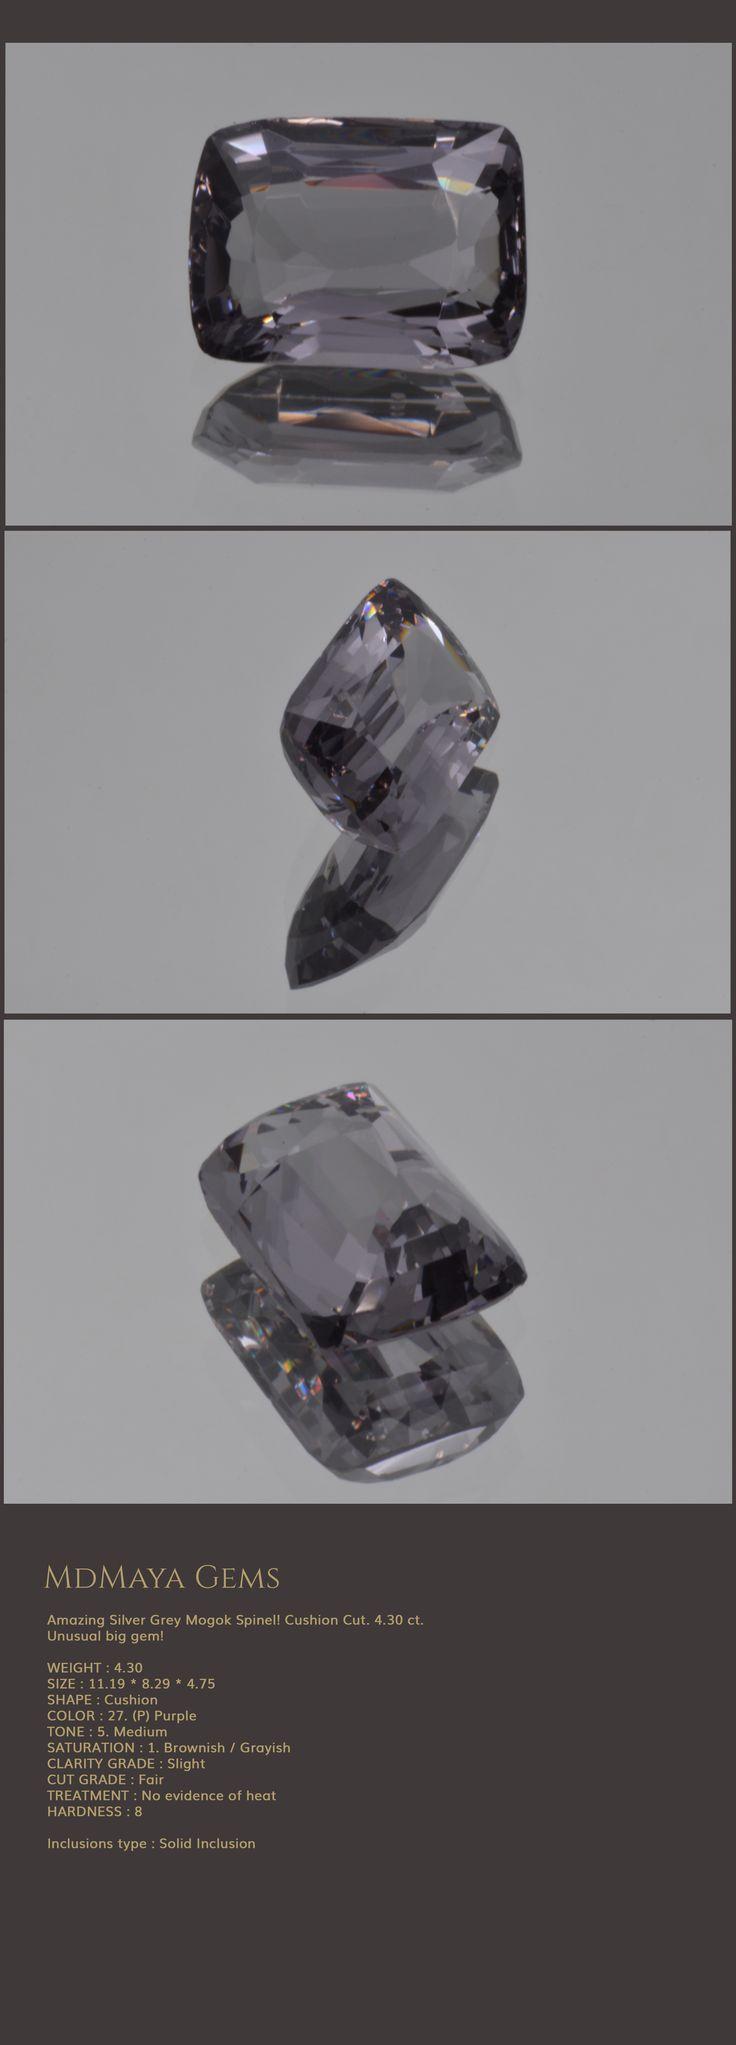 Amazing Silver Grey Mogok Spinel! Cushion Cut. 4.30 ct. Unusual big gem!  Loose Spinel Gemstones for sale MdMaya Gems